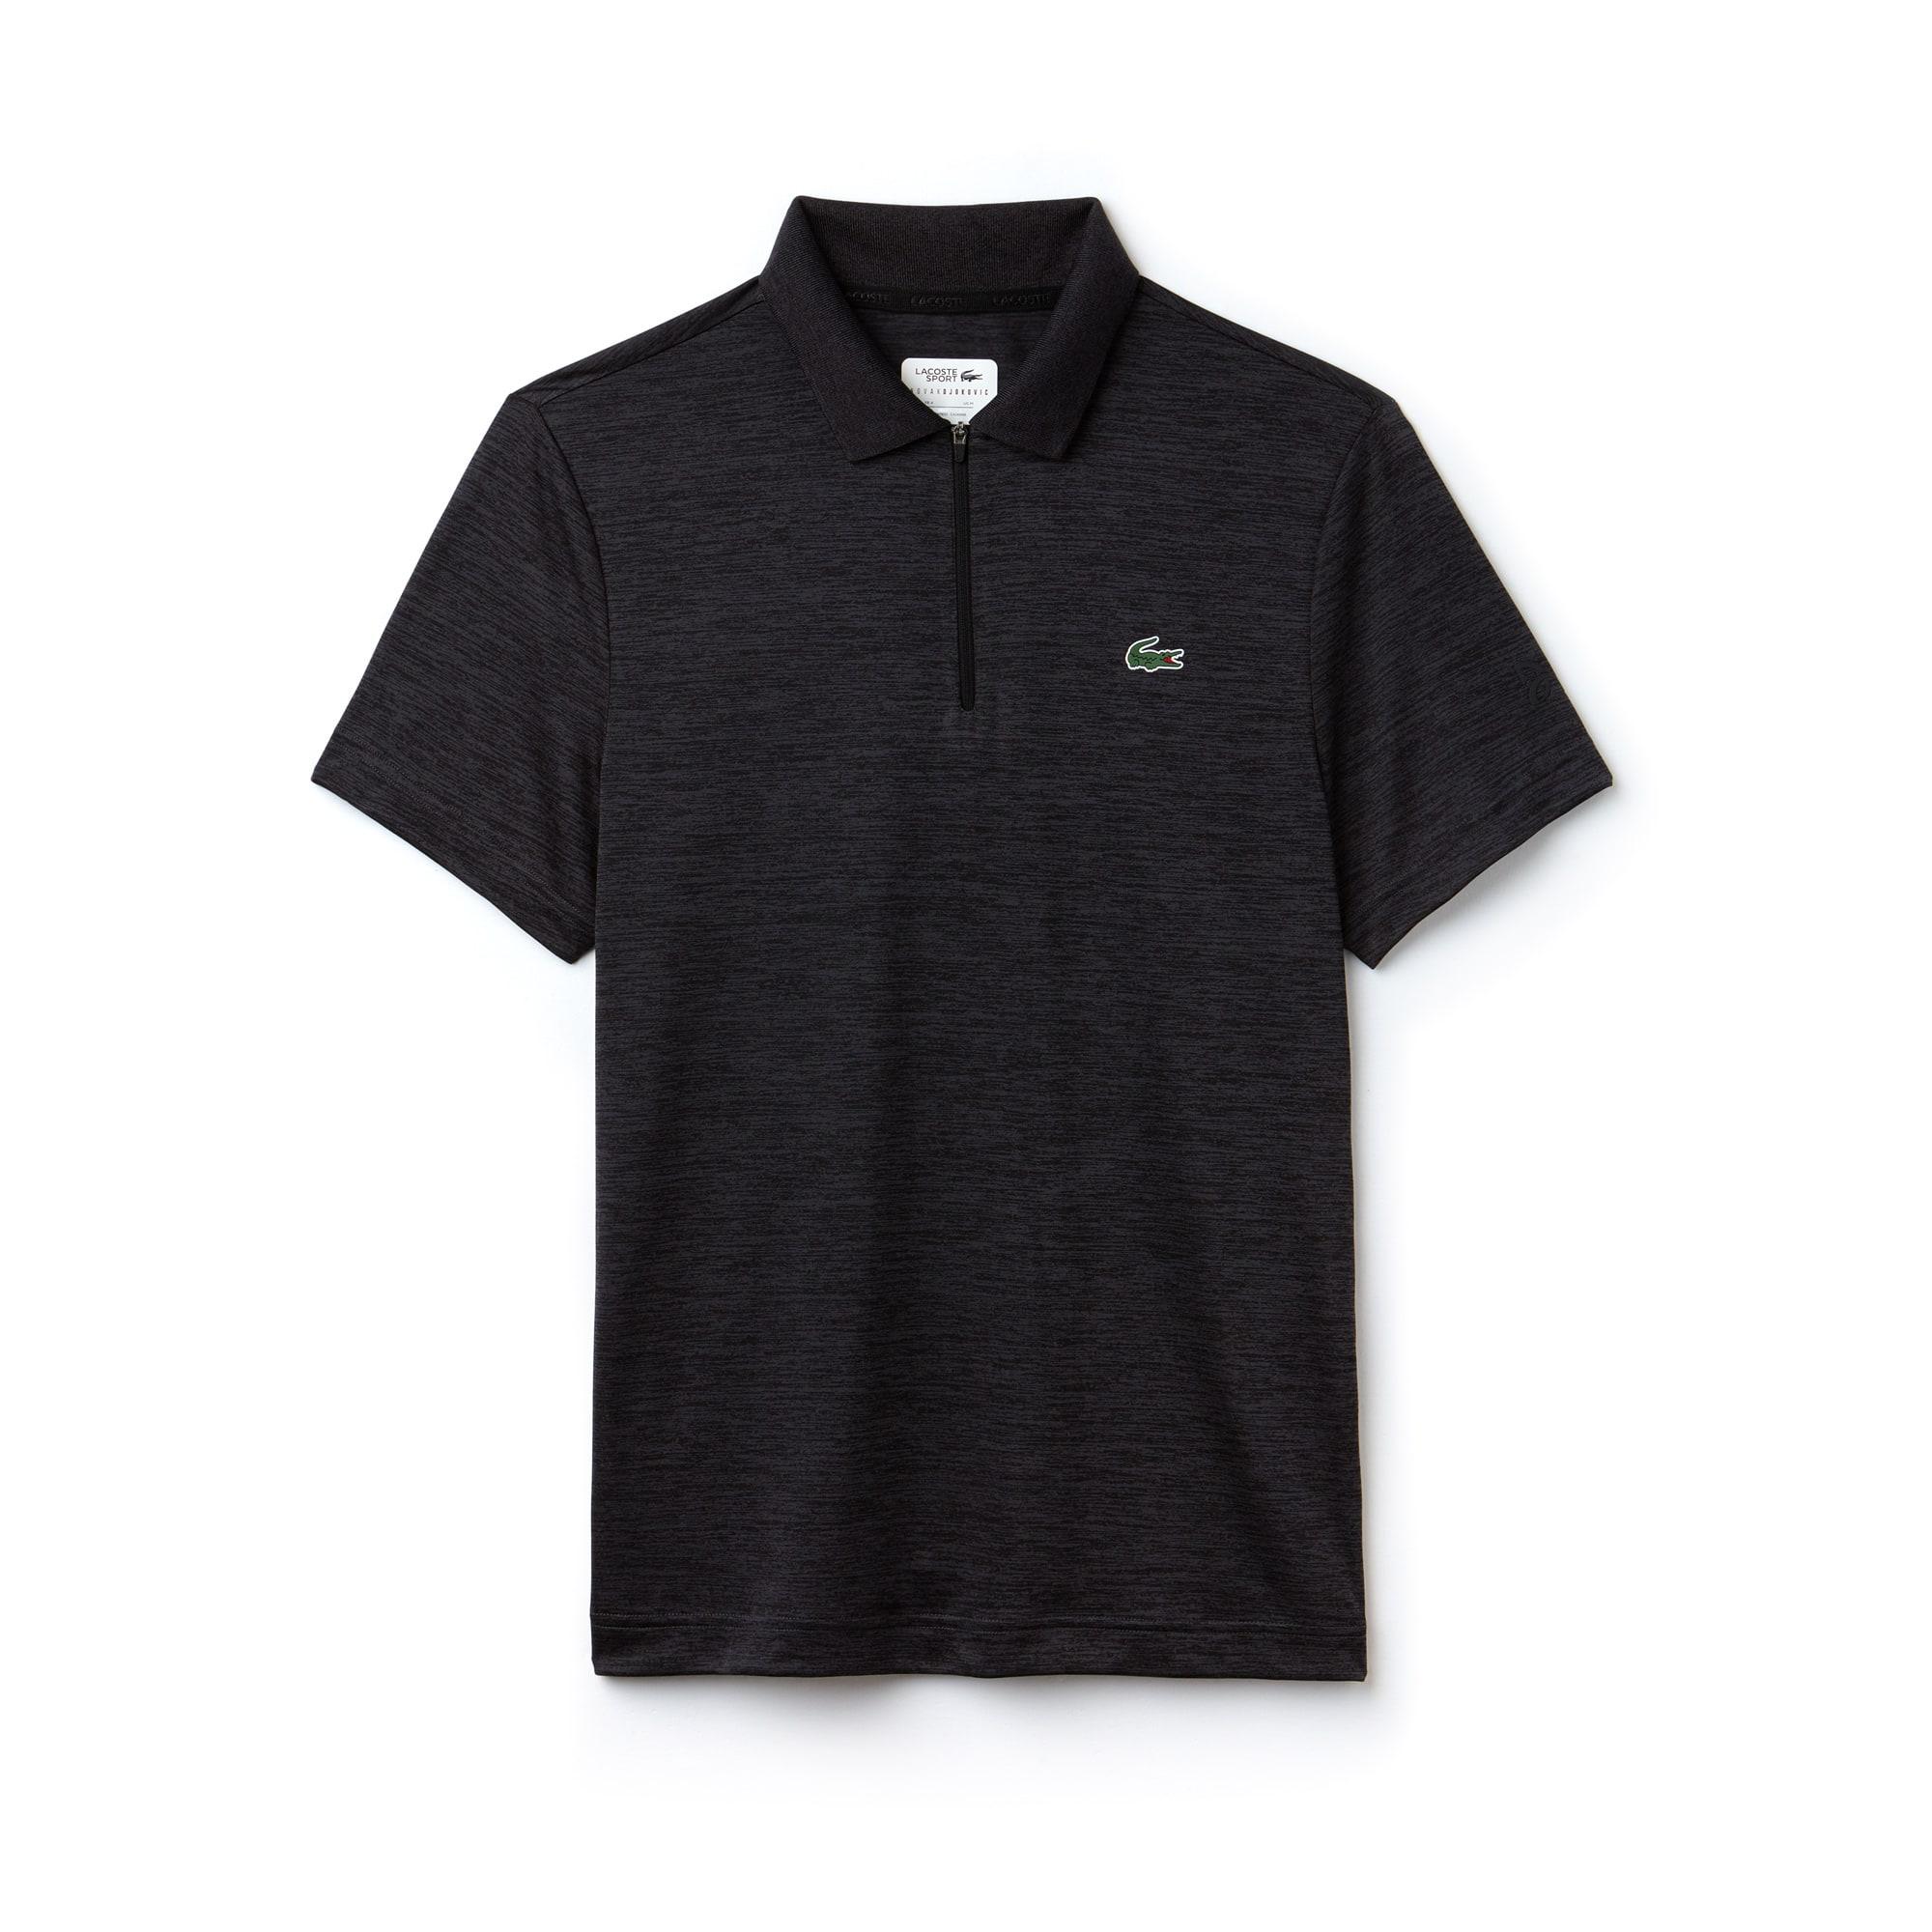 라코스테 스포츠 반팔 카라티 Lacoste Mens SPORT Flecked Technical Jersey Polo - x Novak Djokovic Off Court Premium Edition,black/black